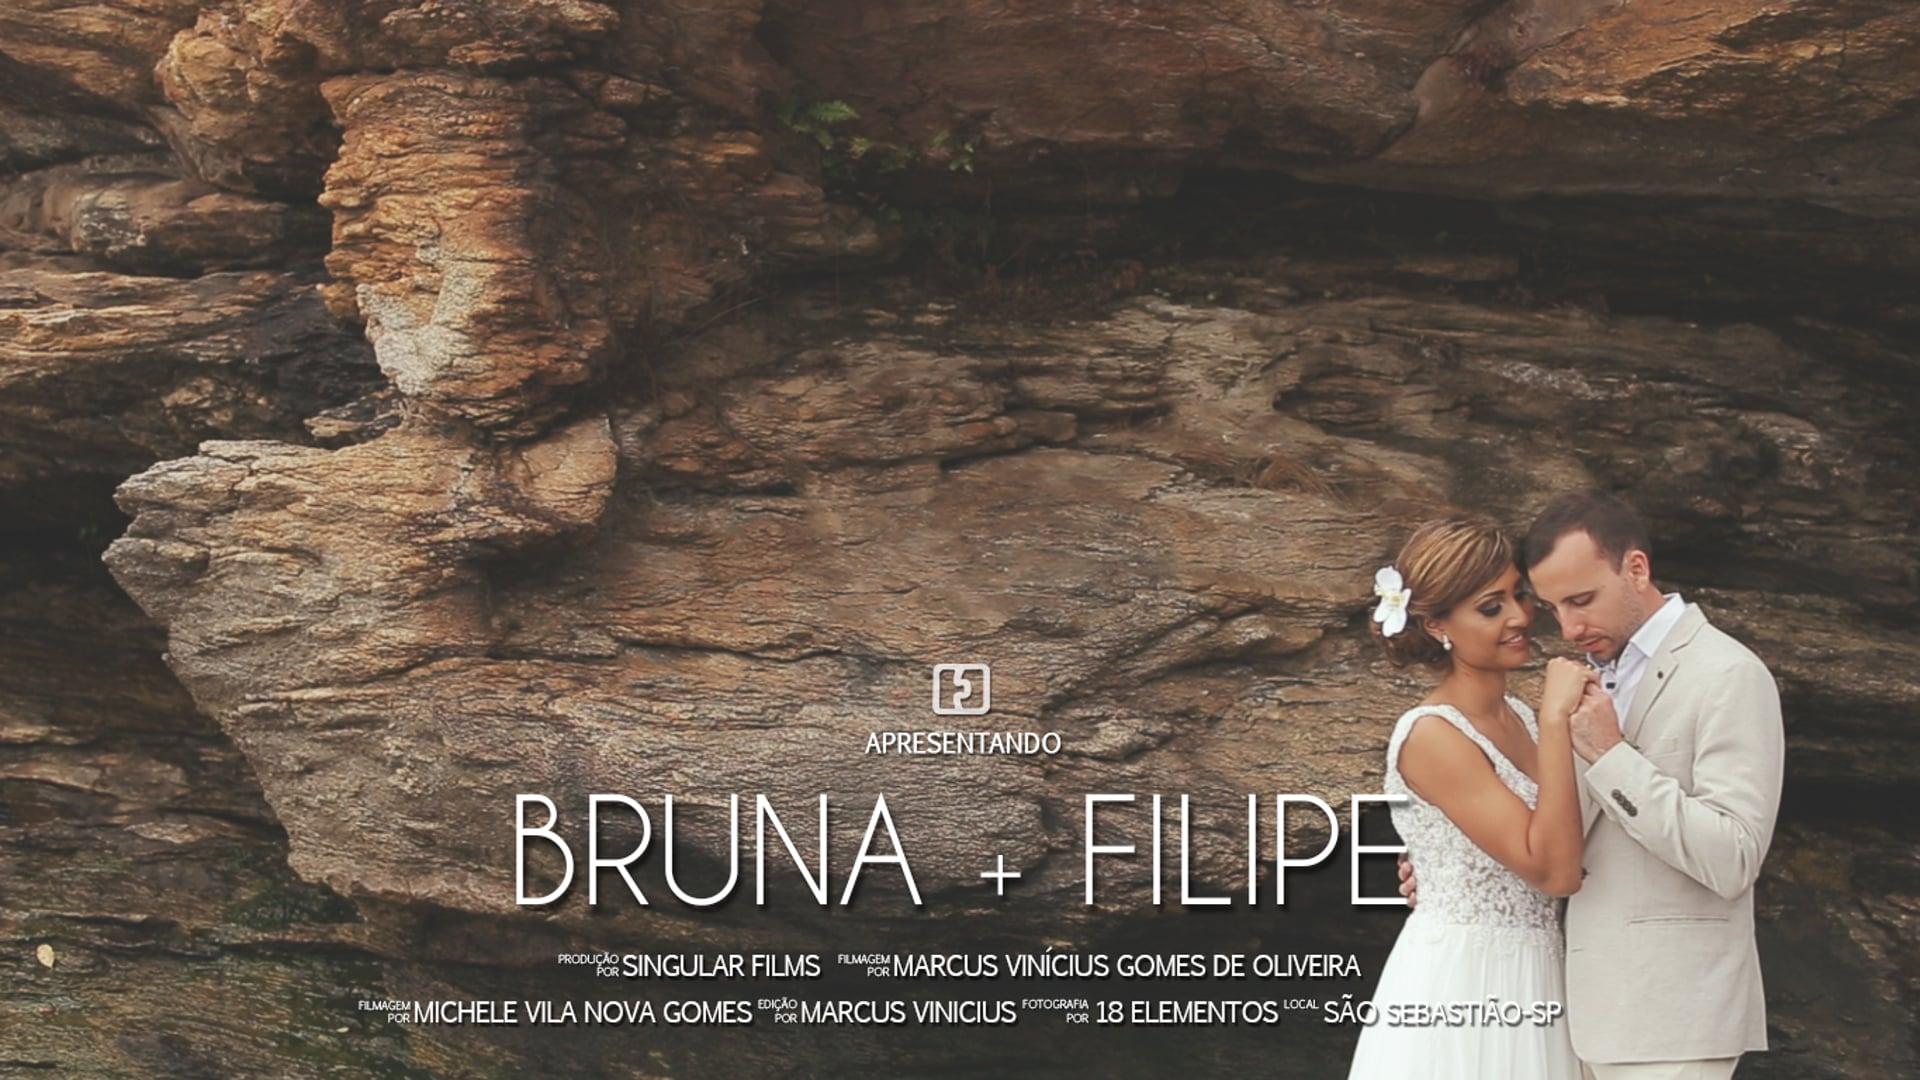 Trailer - Bruna + Filipe